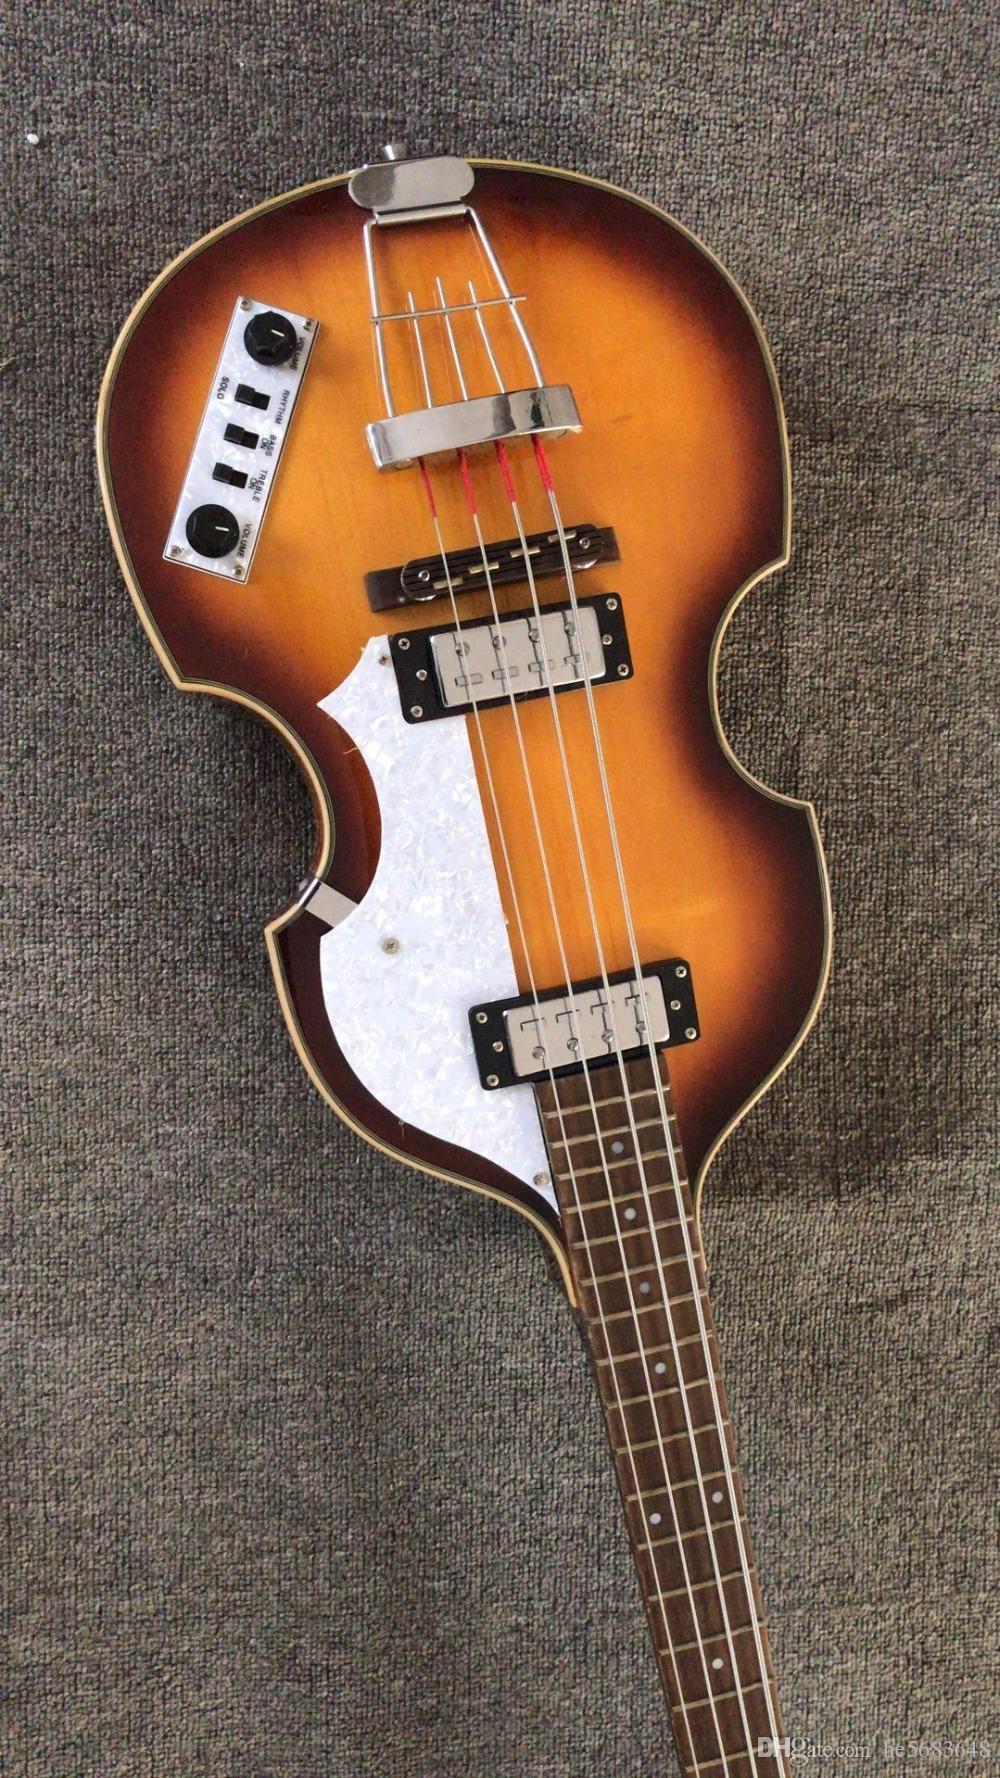 Toptan Yeni 4 Dize Bas Gitar CT Çağdaş 500/1 Sunburst Keman Bas Gitar Üst Kalite